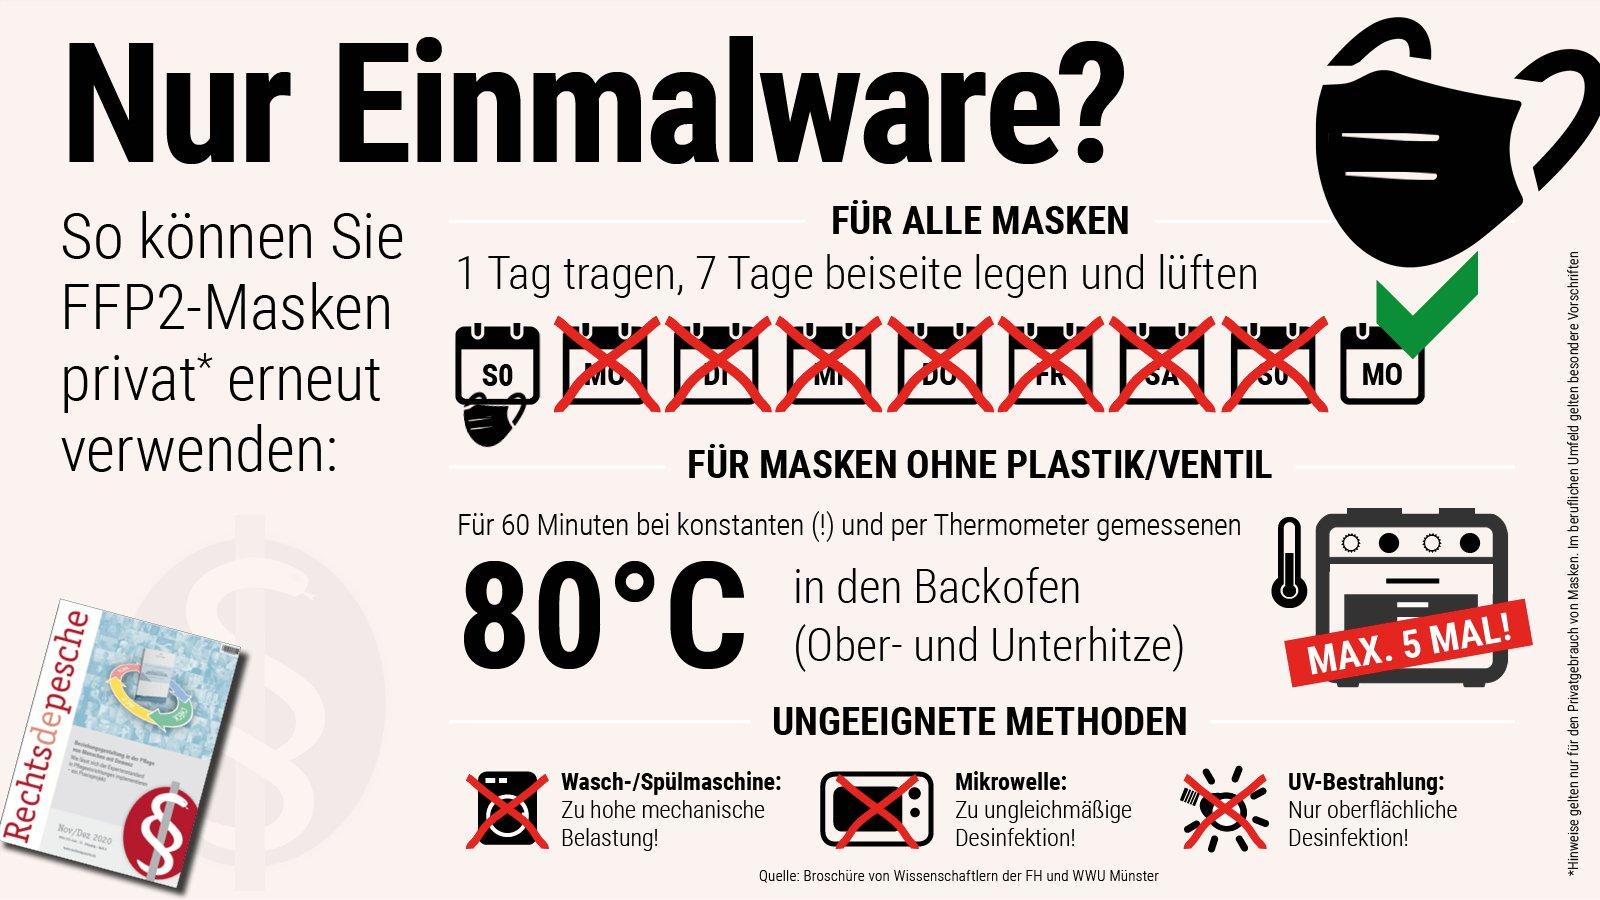 Infografik: So können Sie FFP2-Masken privat wiederverwenden